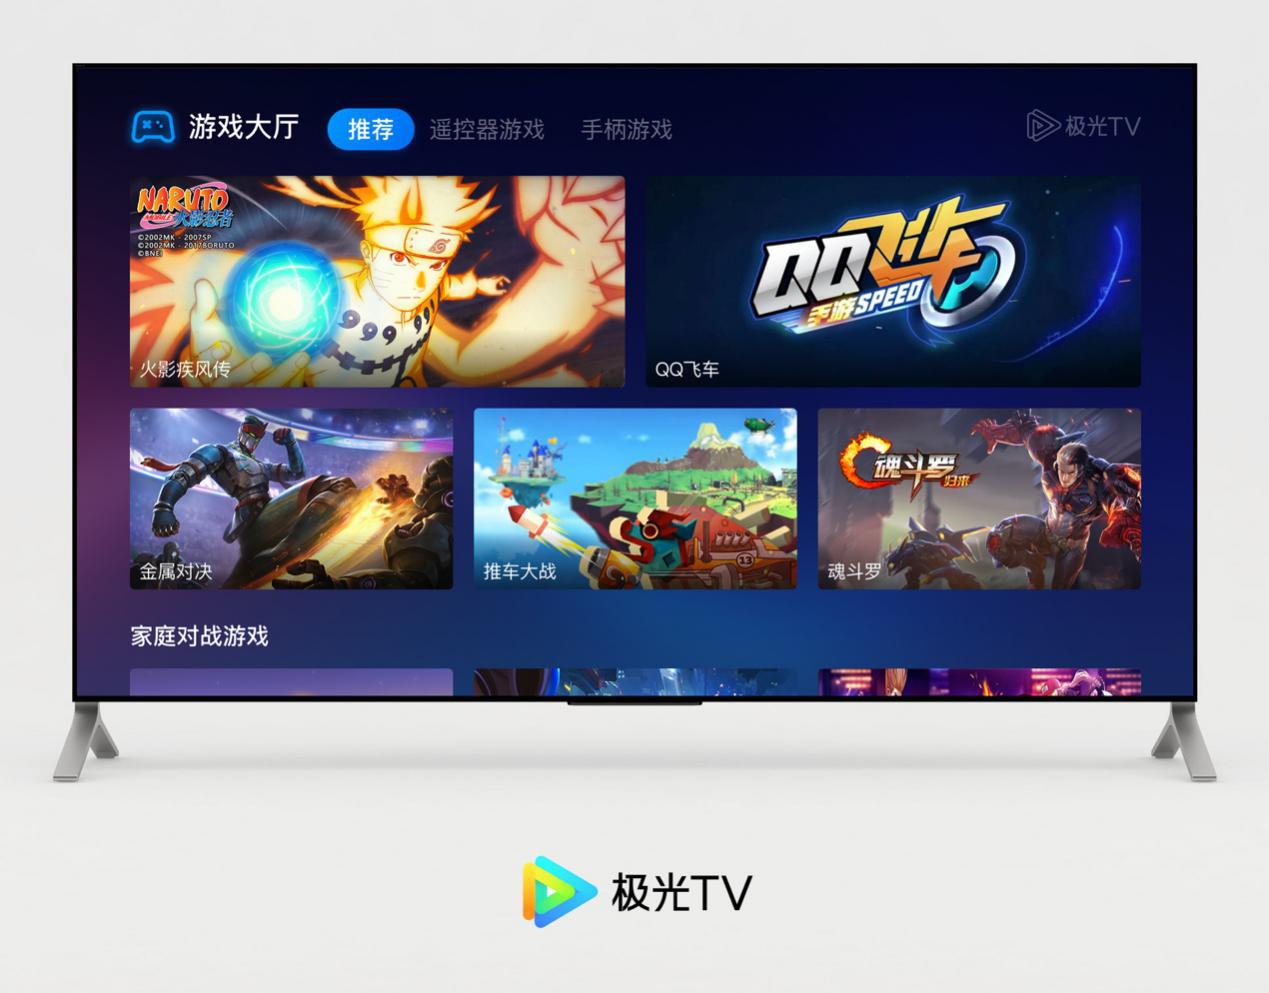 腾讯视频极光TV重磅推出云游戏功能,与腾讯游戏一同开启客厅大屏游戏新篇章